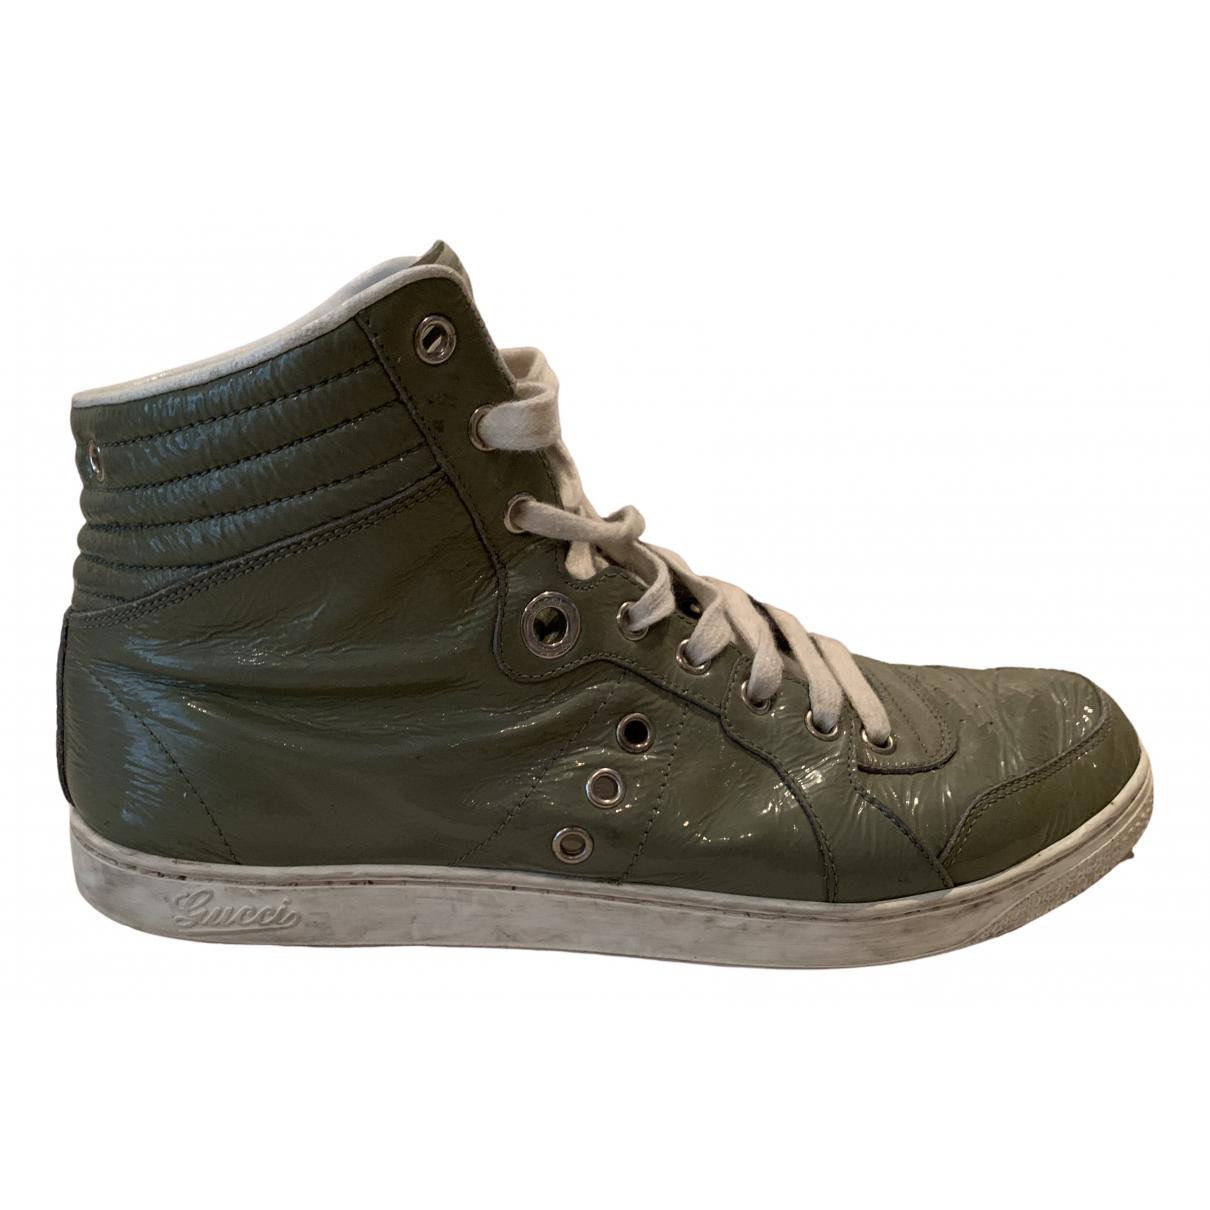 Gucci - Baskets   pour homme en cuir verni - gris